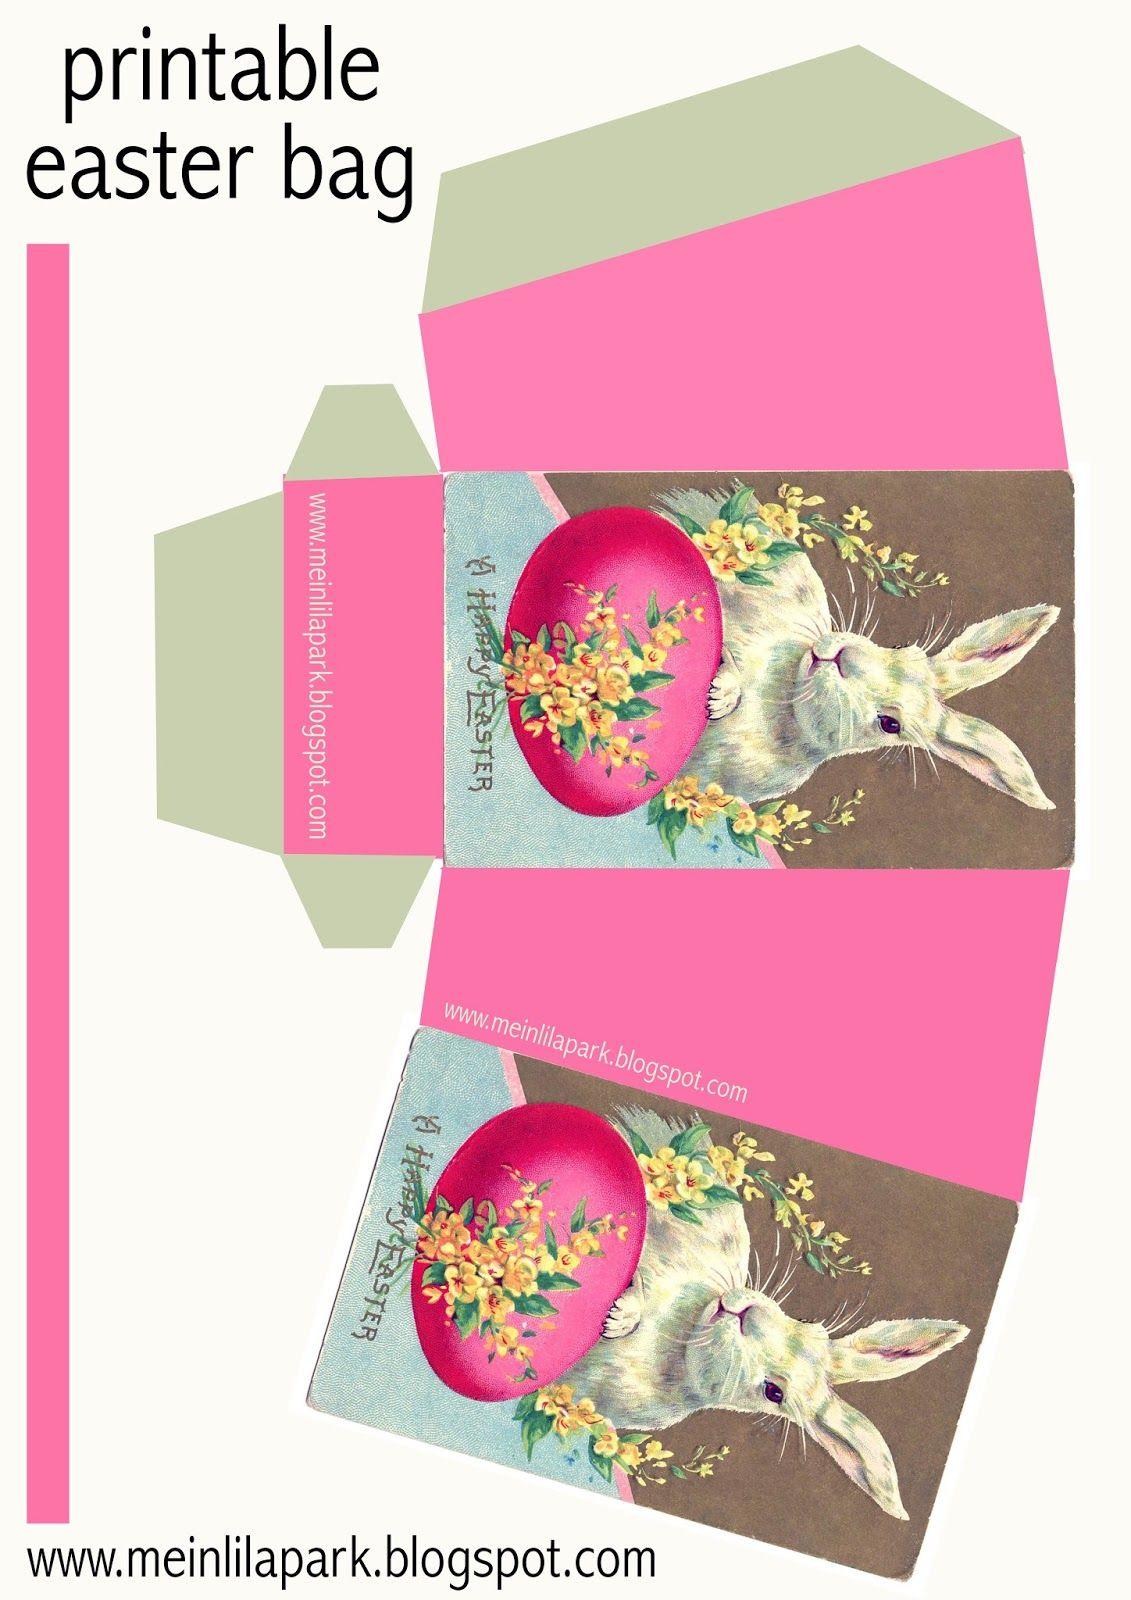 Free printable diy easter bunny box ausdruckbarer osterkorb free printable diy easter bunny box ausdruckbarer osterkorb freebie negle Choice Image